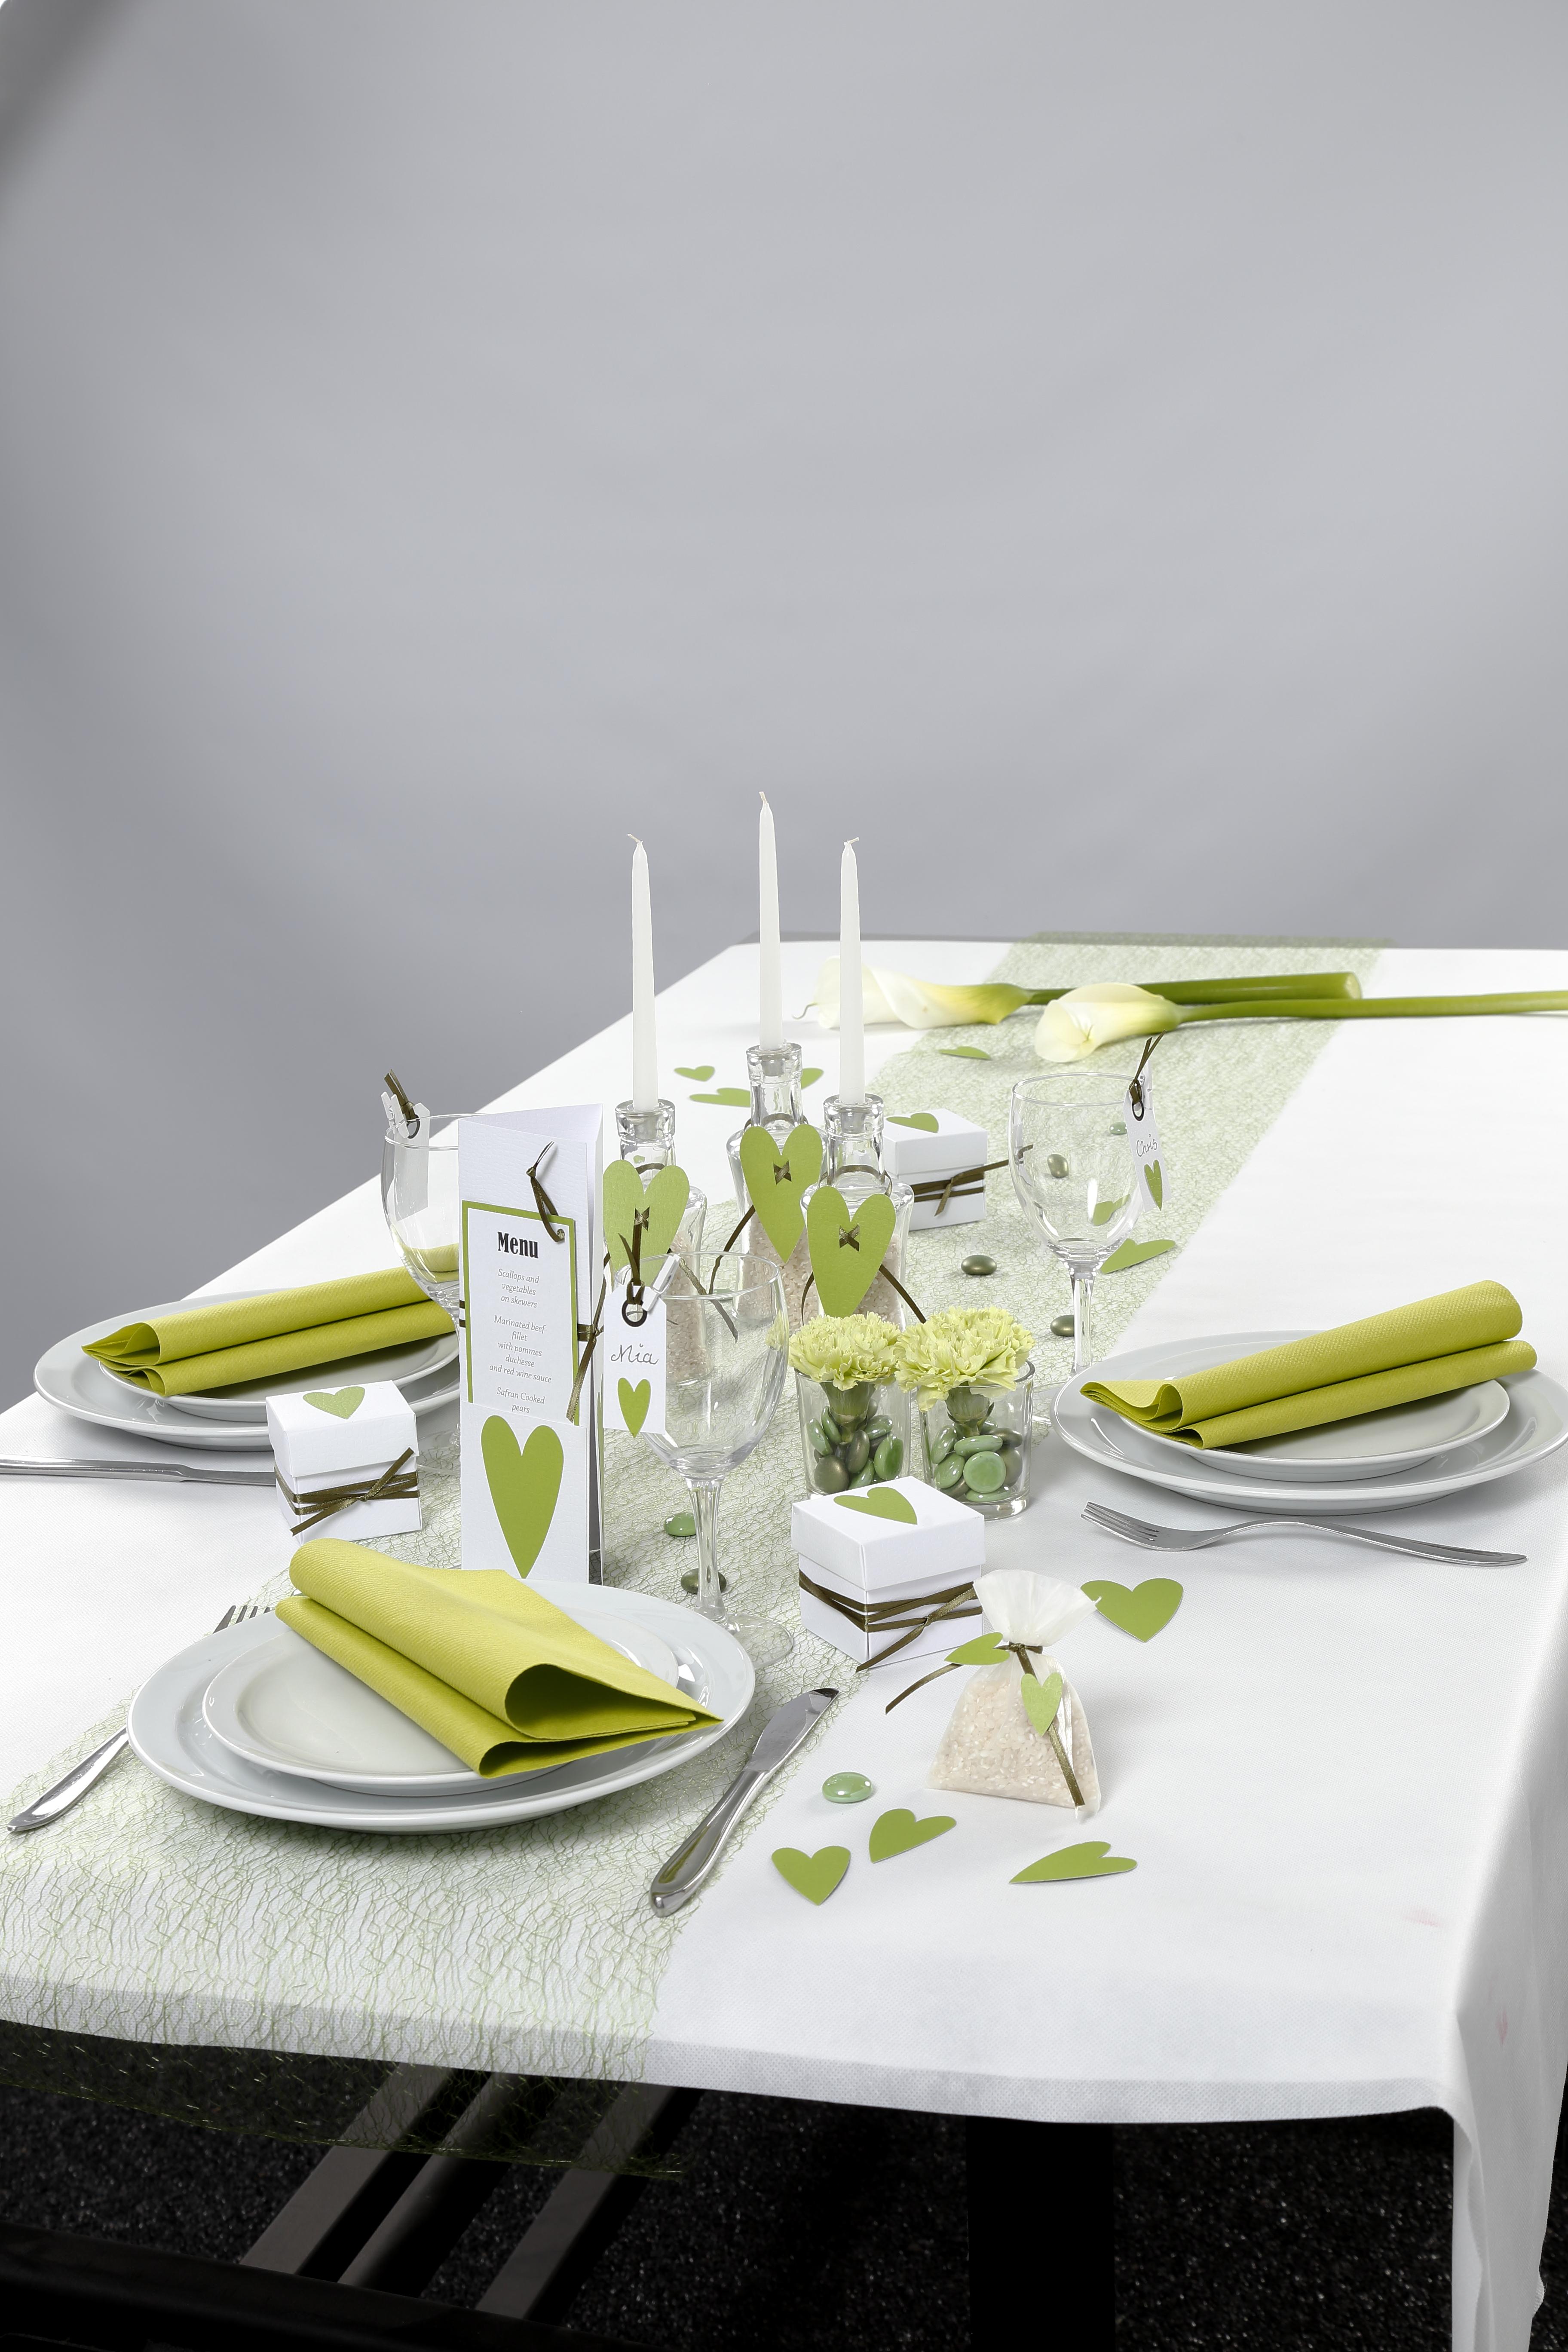 Konfirmation: Dukning och dekorationer i vitt och grönt med hjärta